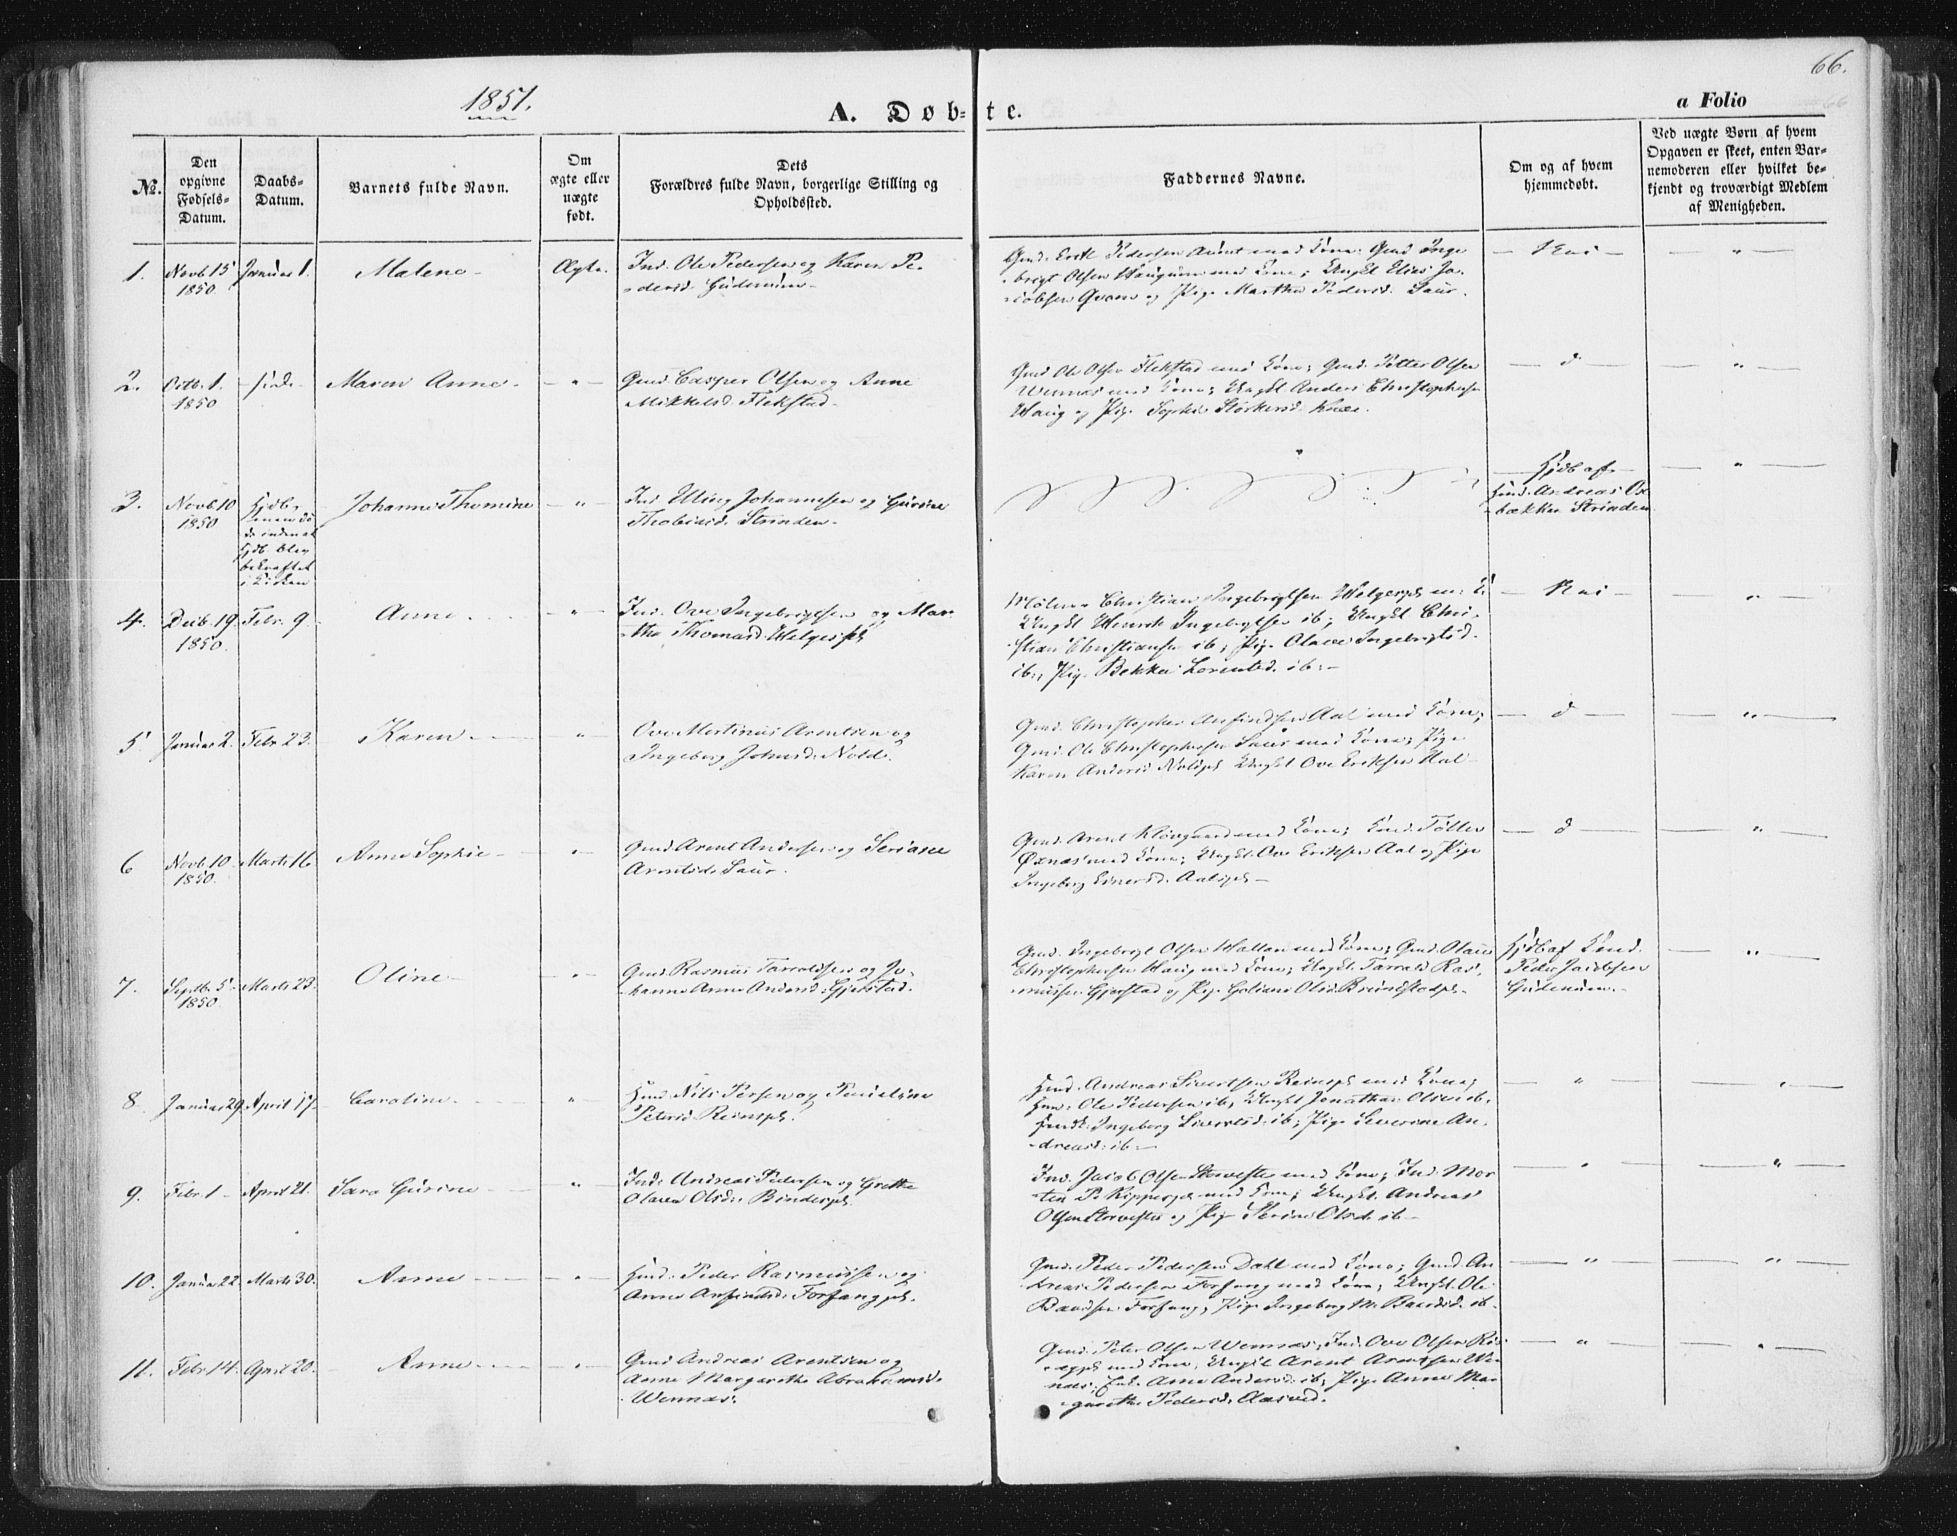 SAT, Ministerialprotokoller, klokkerbøker og fødselsregistre - Nord-Trøndelag, 746/L0446: Ministerialbok nr. 746A05, 1846-1859, s. 66